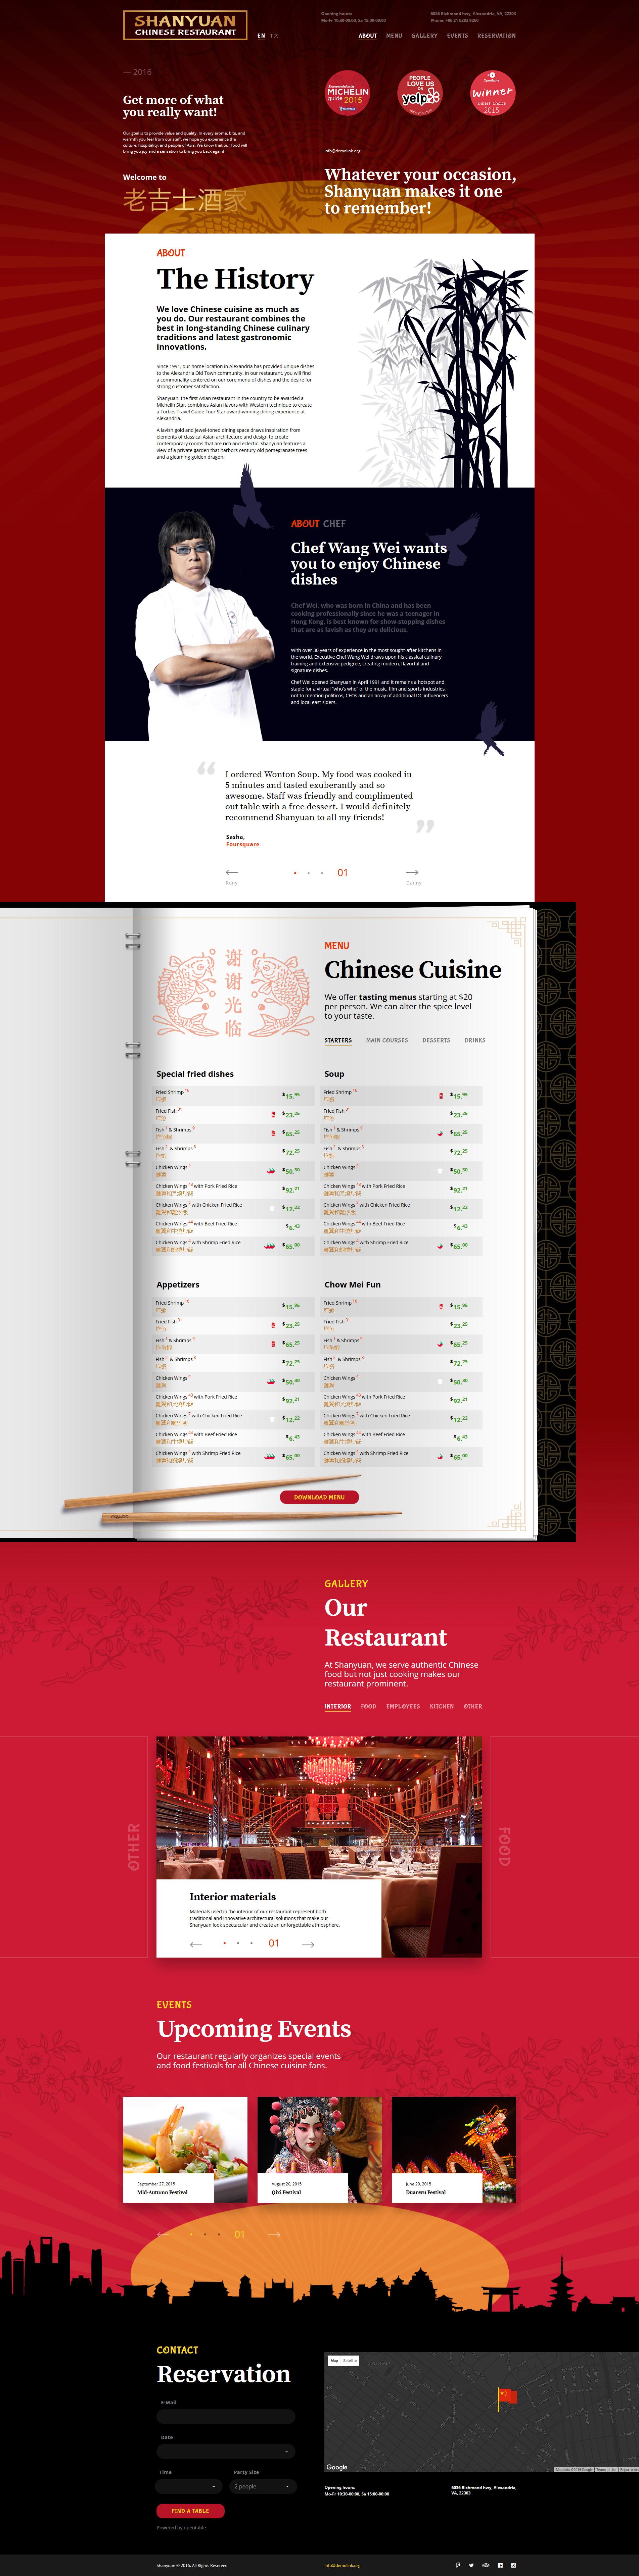 Адаптивний Шаблон сайту на тему китайський ресторан №58239 - скріншот